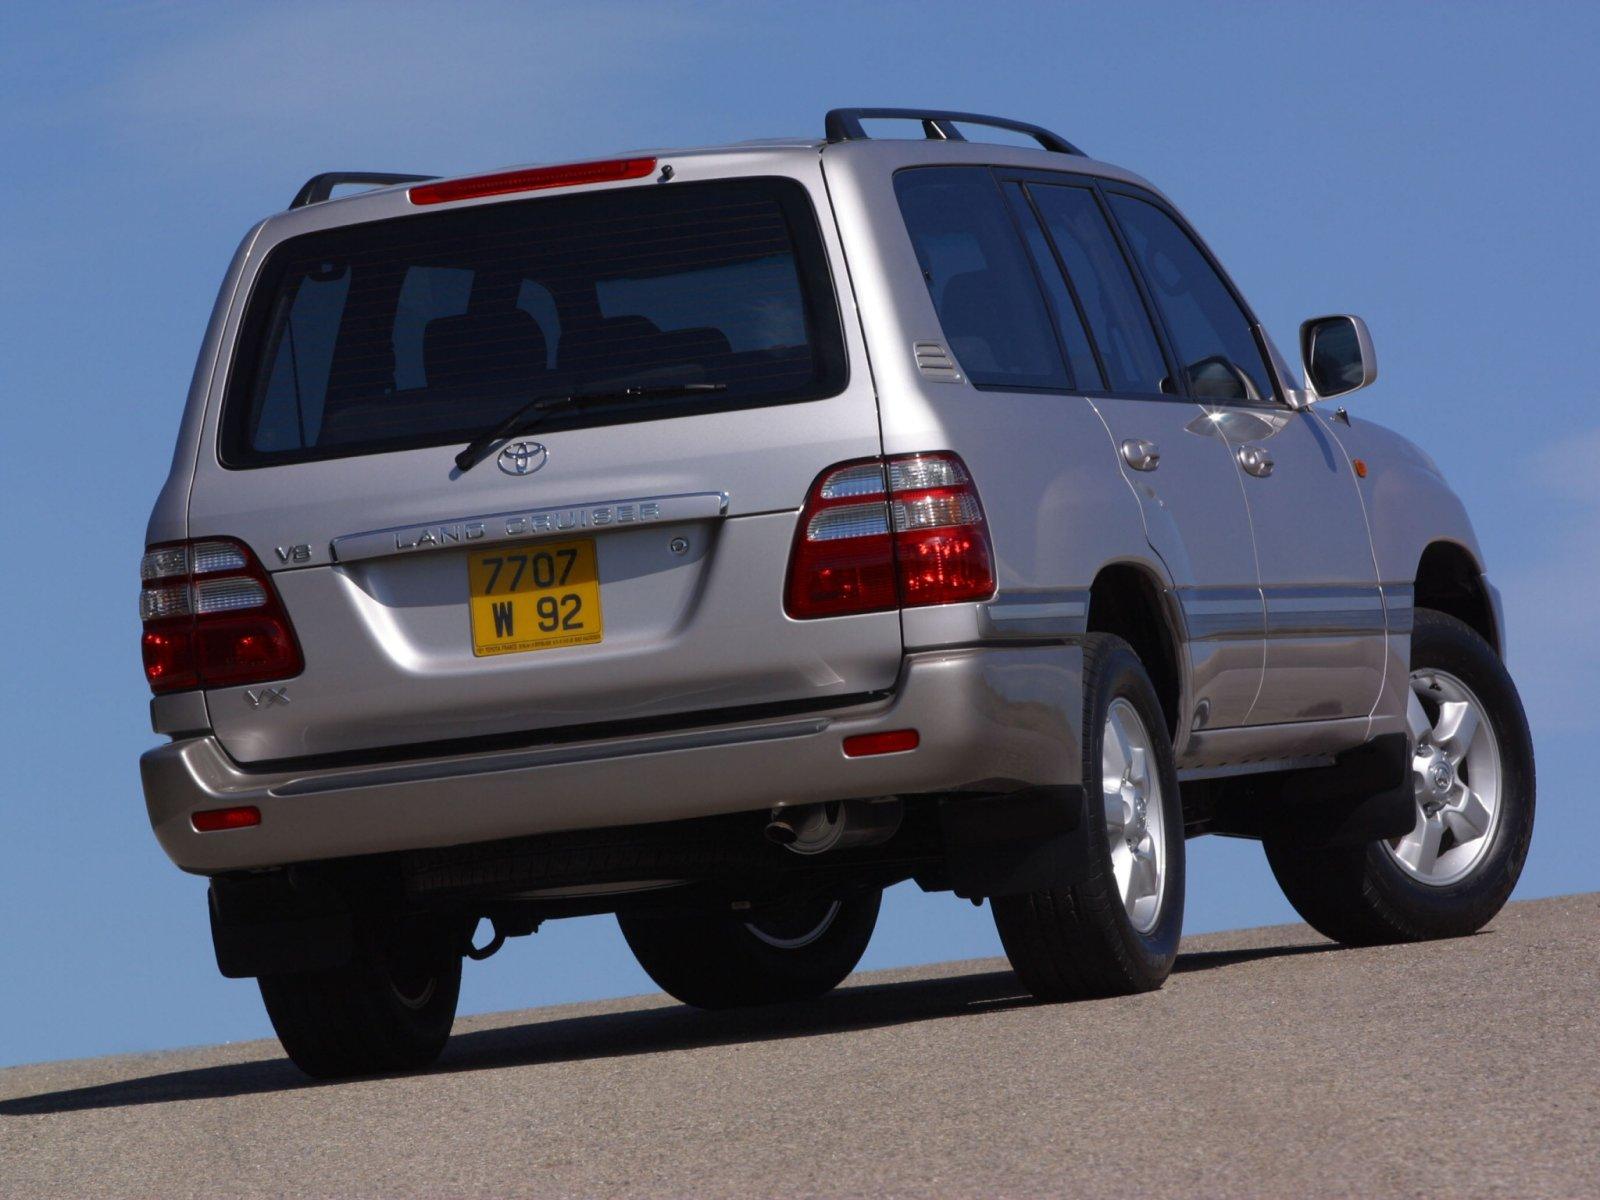 Toyota Land Cruiser 100 4. 7 V8. Посмотреть полный размер фото.